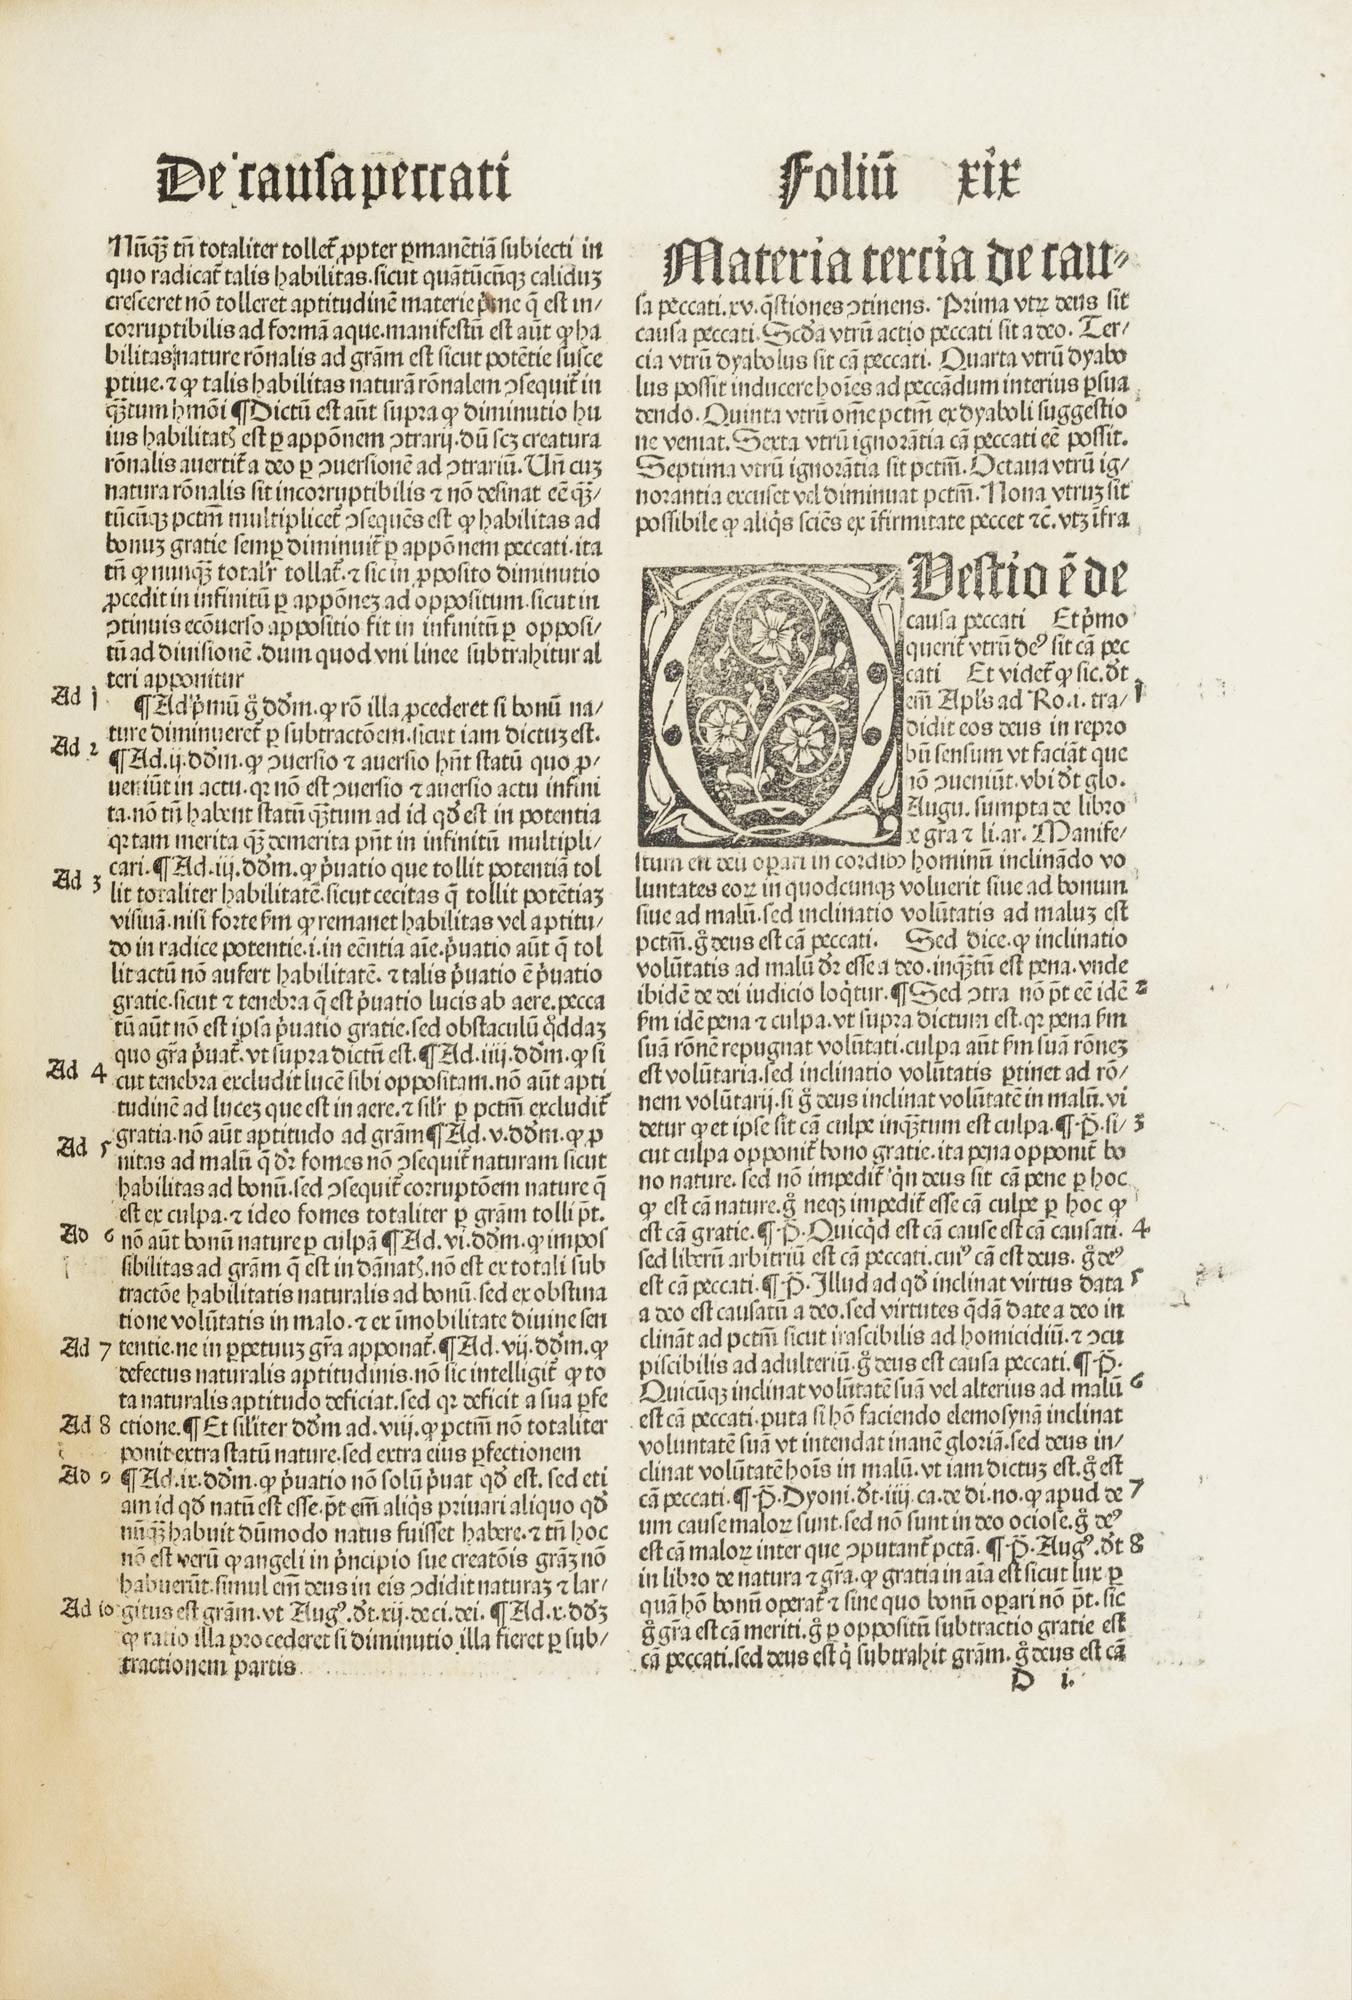 Questiones disputate…De potentia dei. De malo; De spiritualibus creaturis; De anima; De unione verbi; De virtutibus